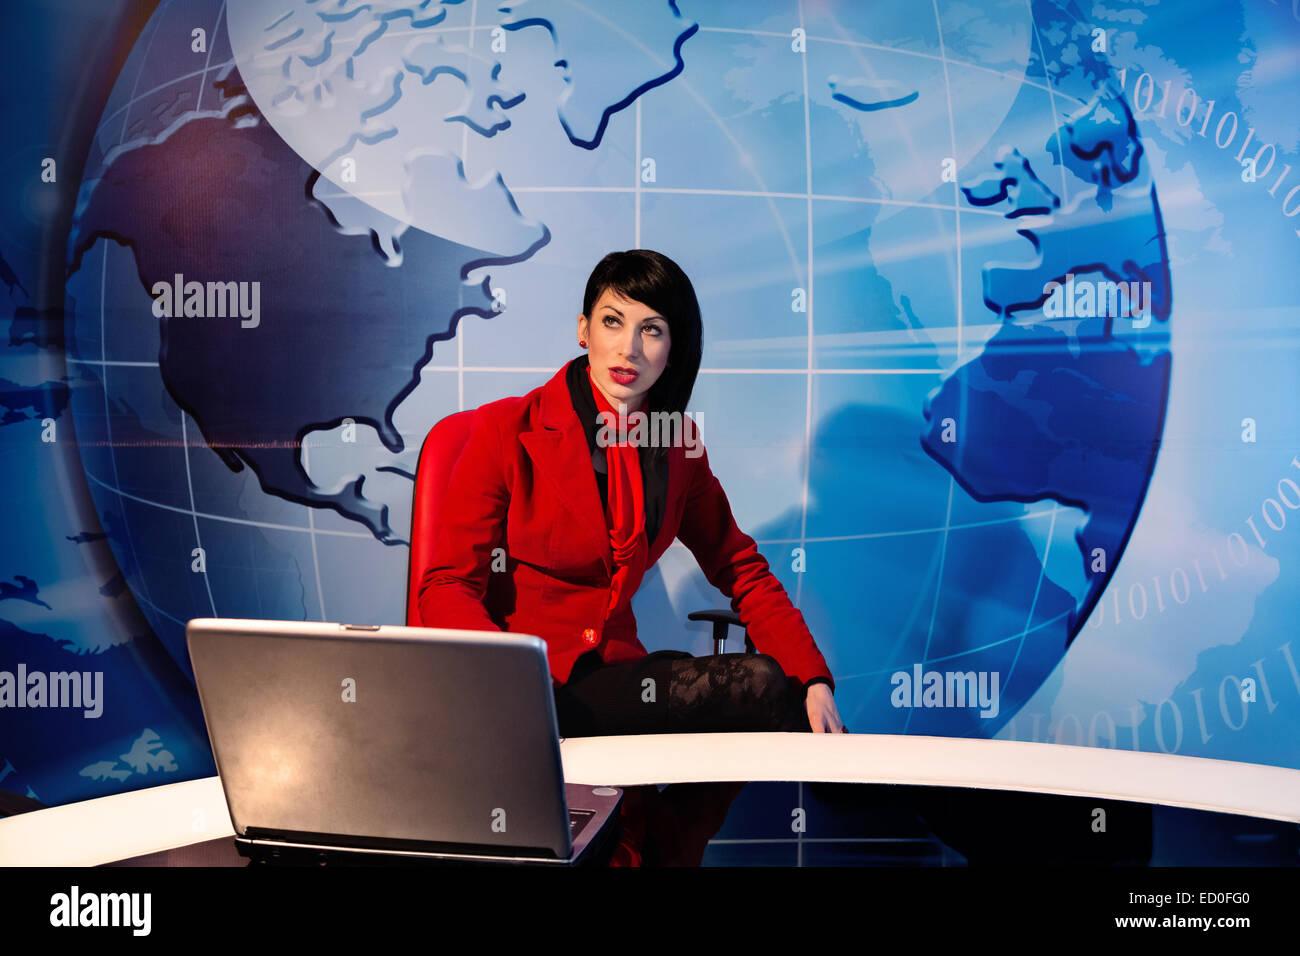 Donna seduta in studio tv Immagini Stock